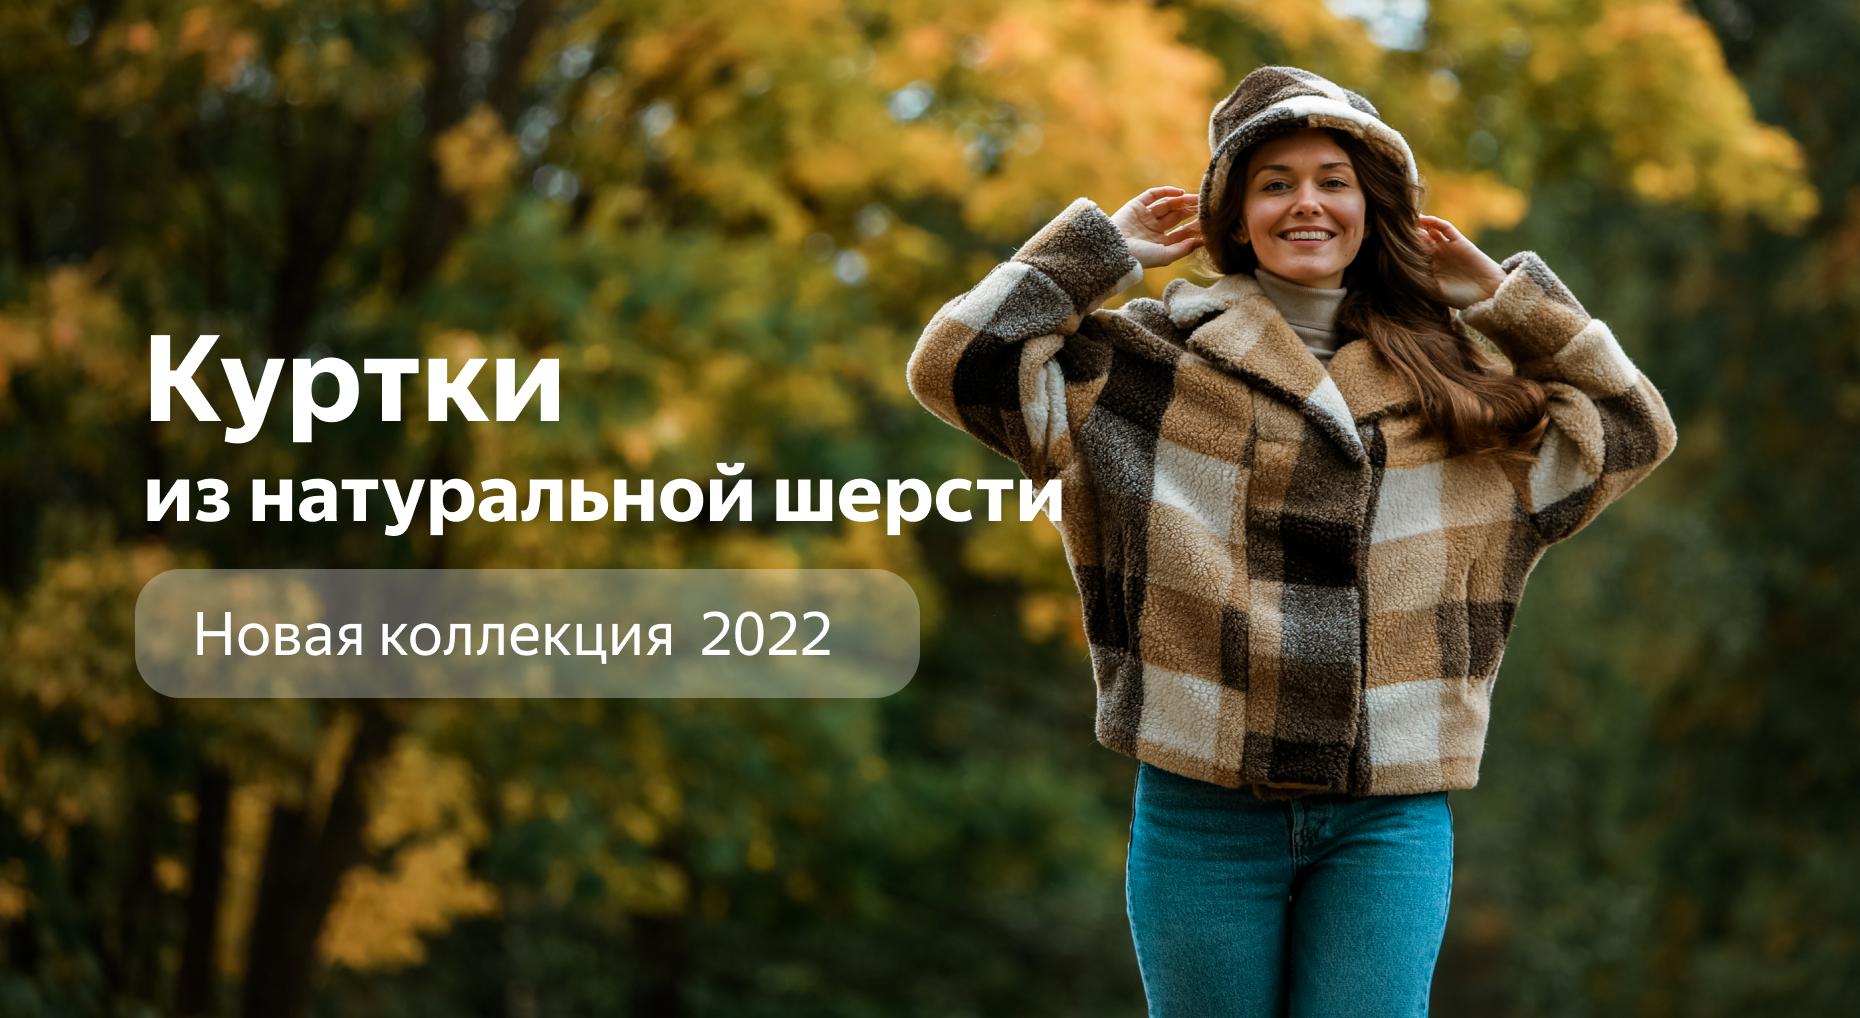 Куртки из настоящей шерсти